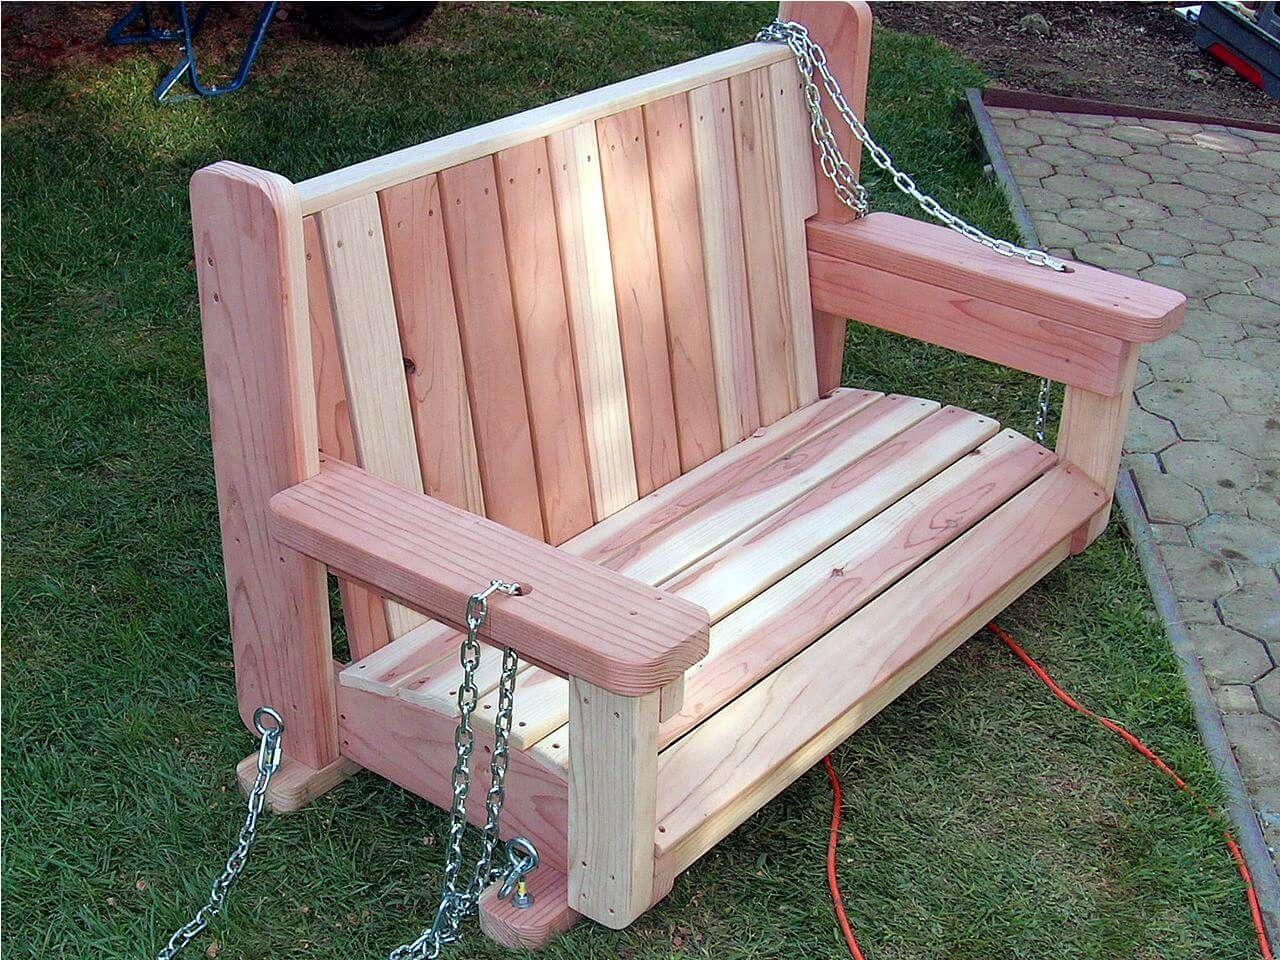 21 Dreamy Hanging Porch Bed Ideas Diy porch swing, Diy